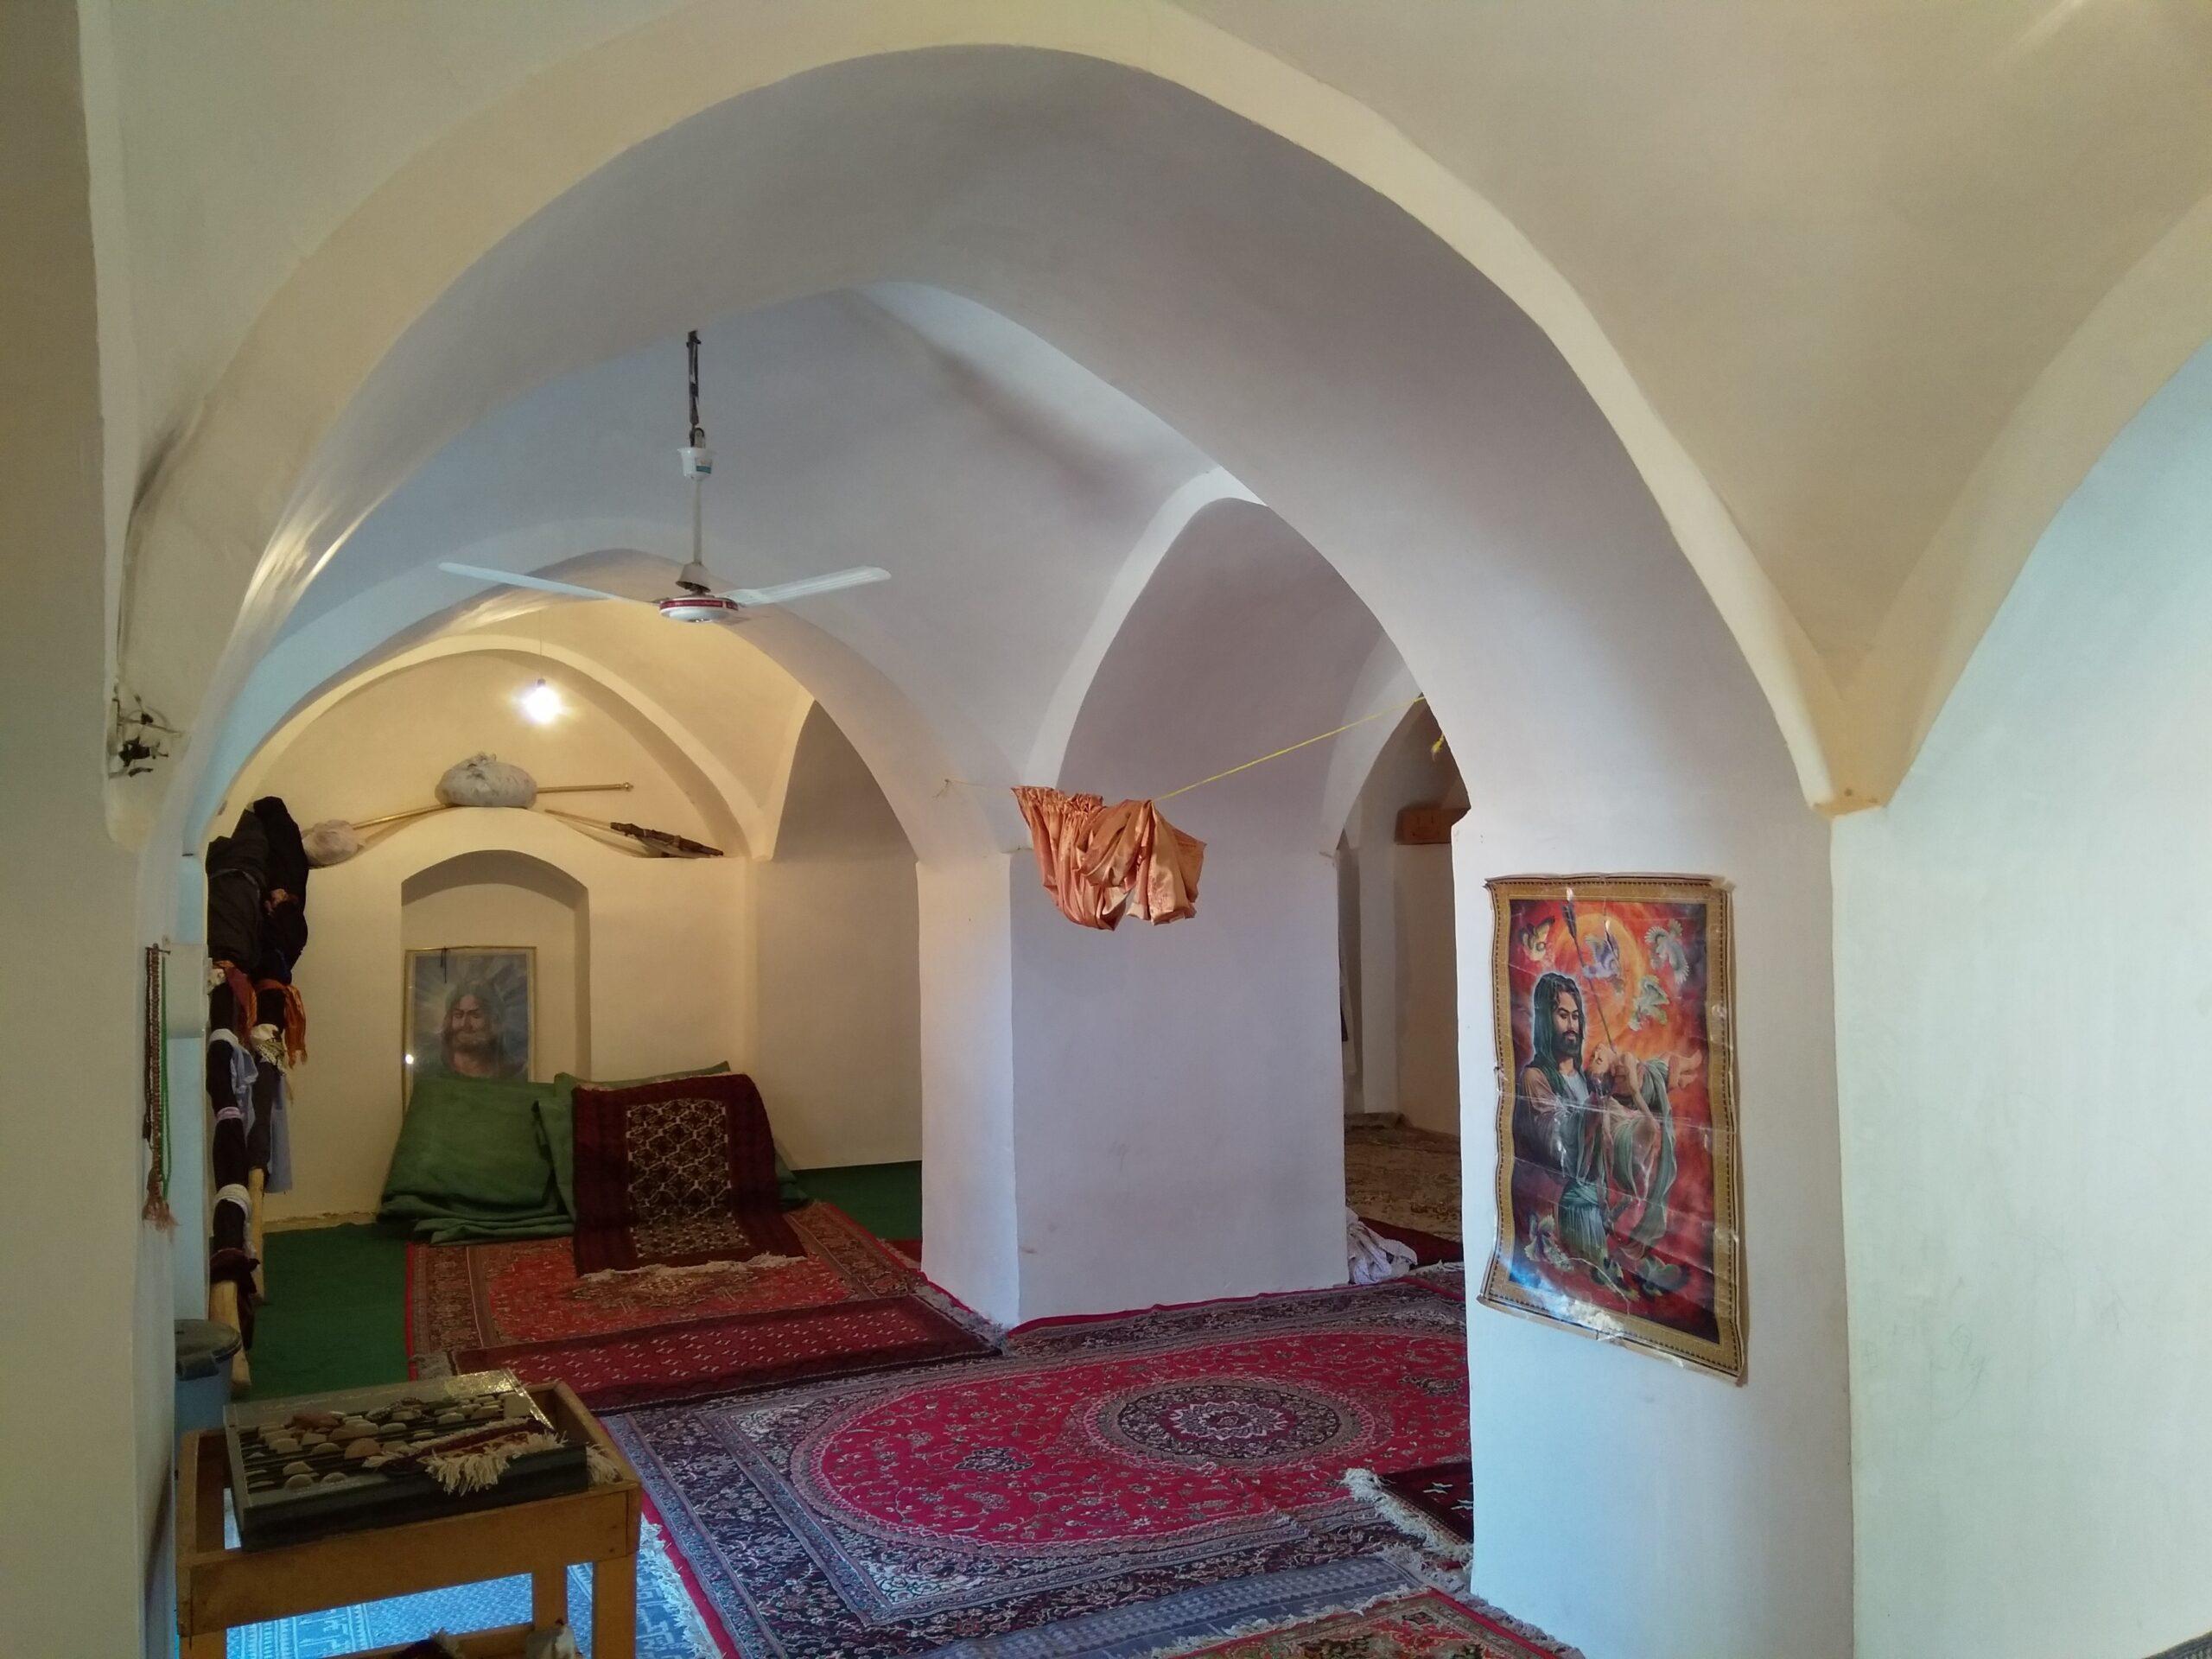 ثبت ملی مسجد ابوالخازن بجستان ابلاغ شد